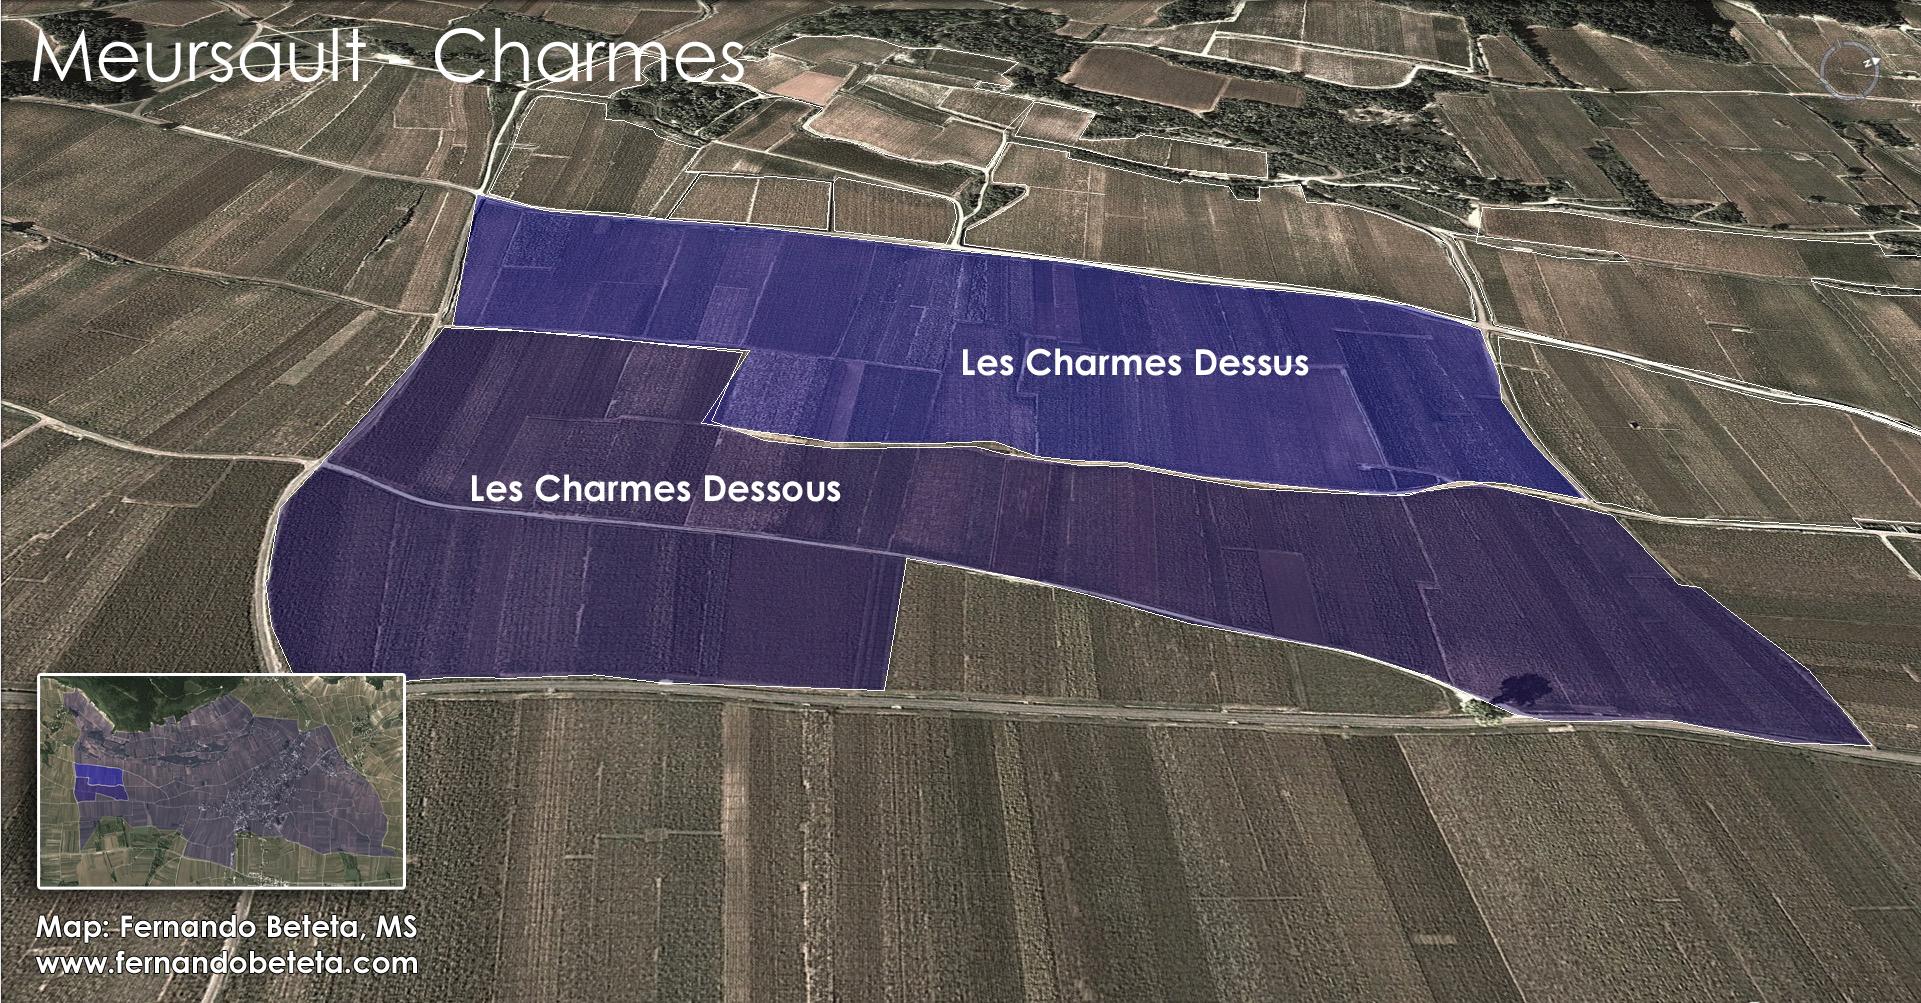 Meursault-Charmes.jpg